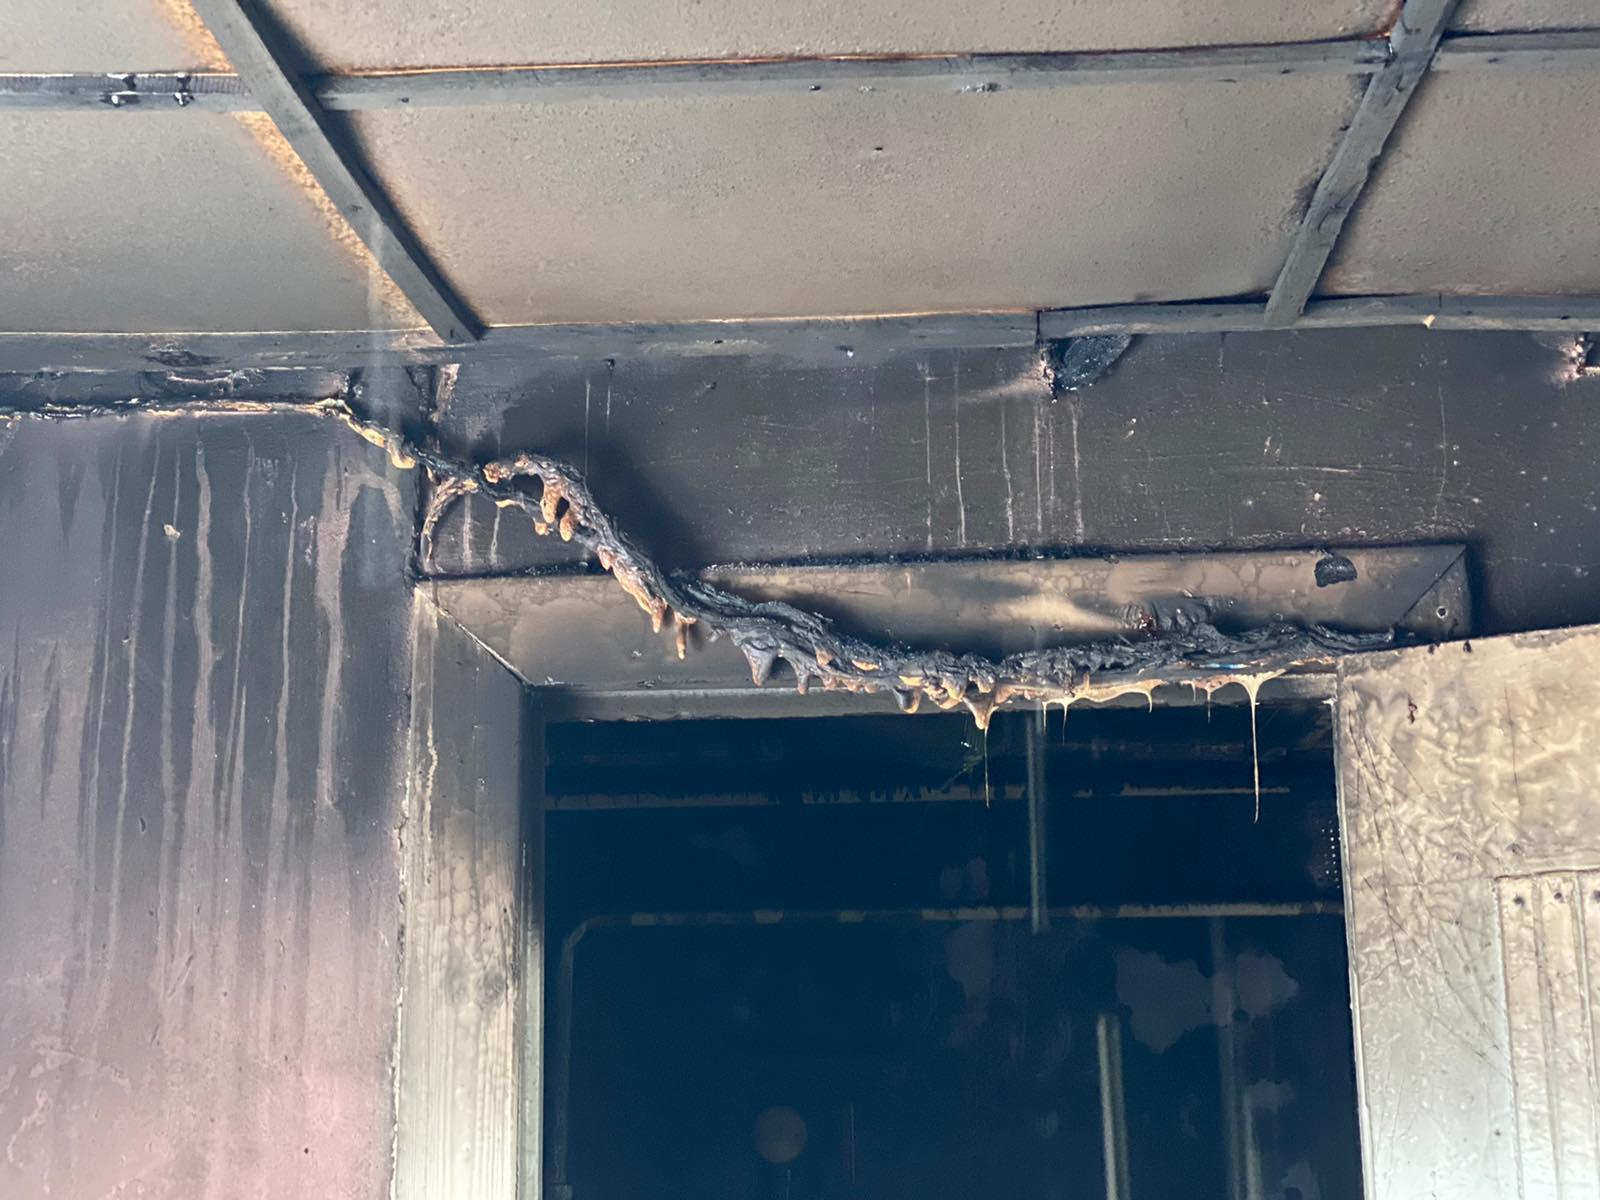 На Броварщині вогонь пошкодив житловий будинок -  - yzobrazhenye viber 2020 04 29 12 46 33